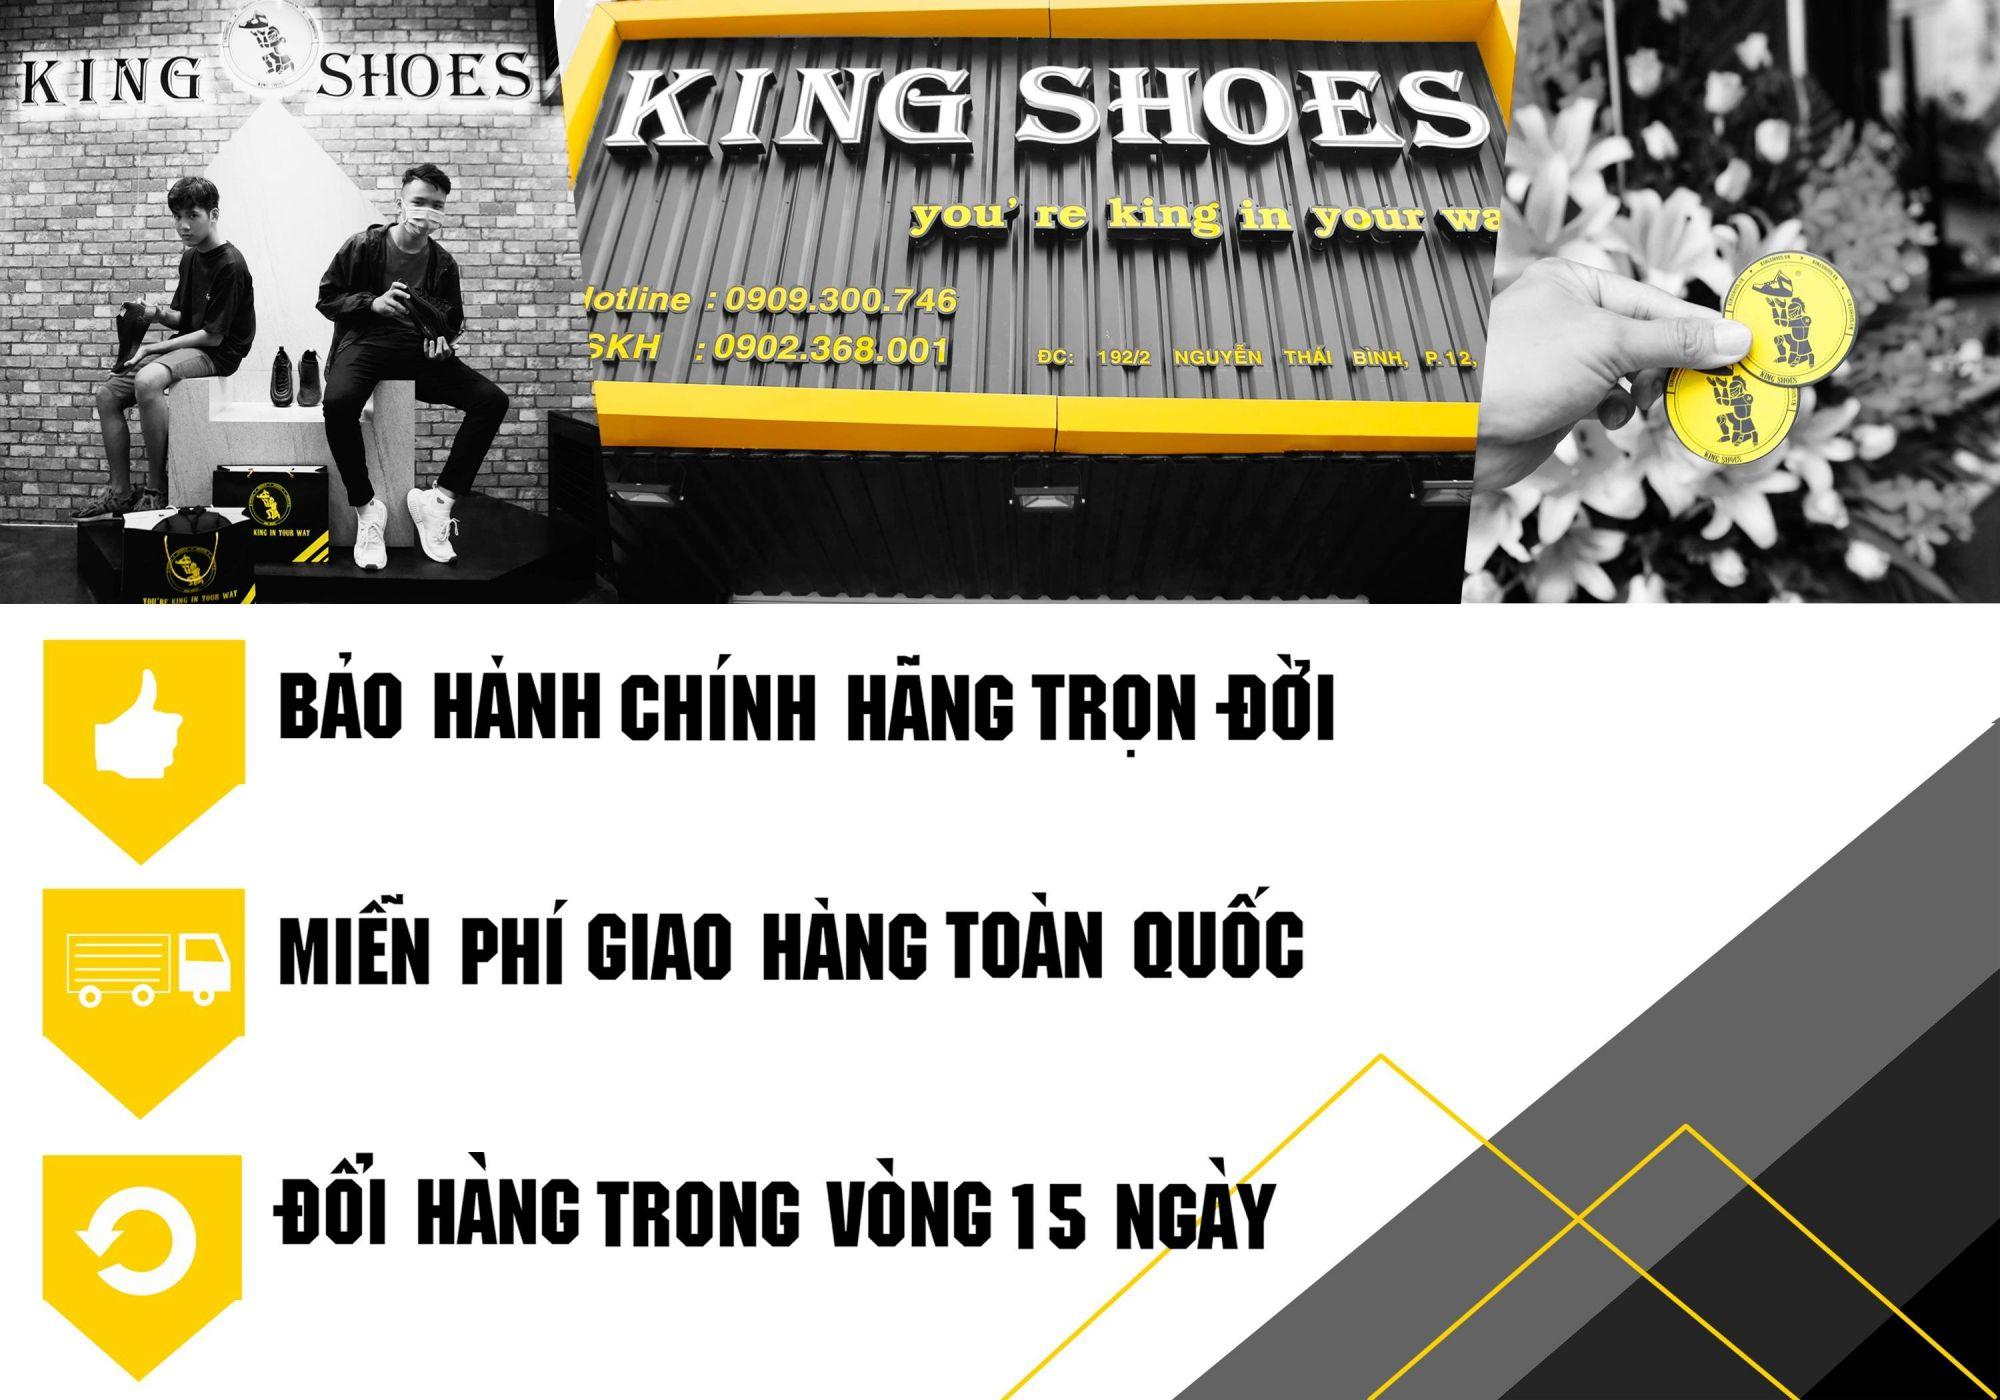 King Shoes chế độ bảo hành